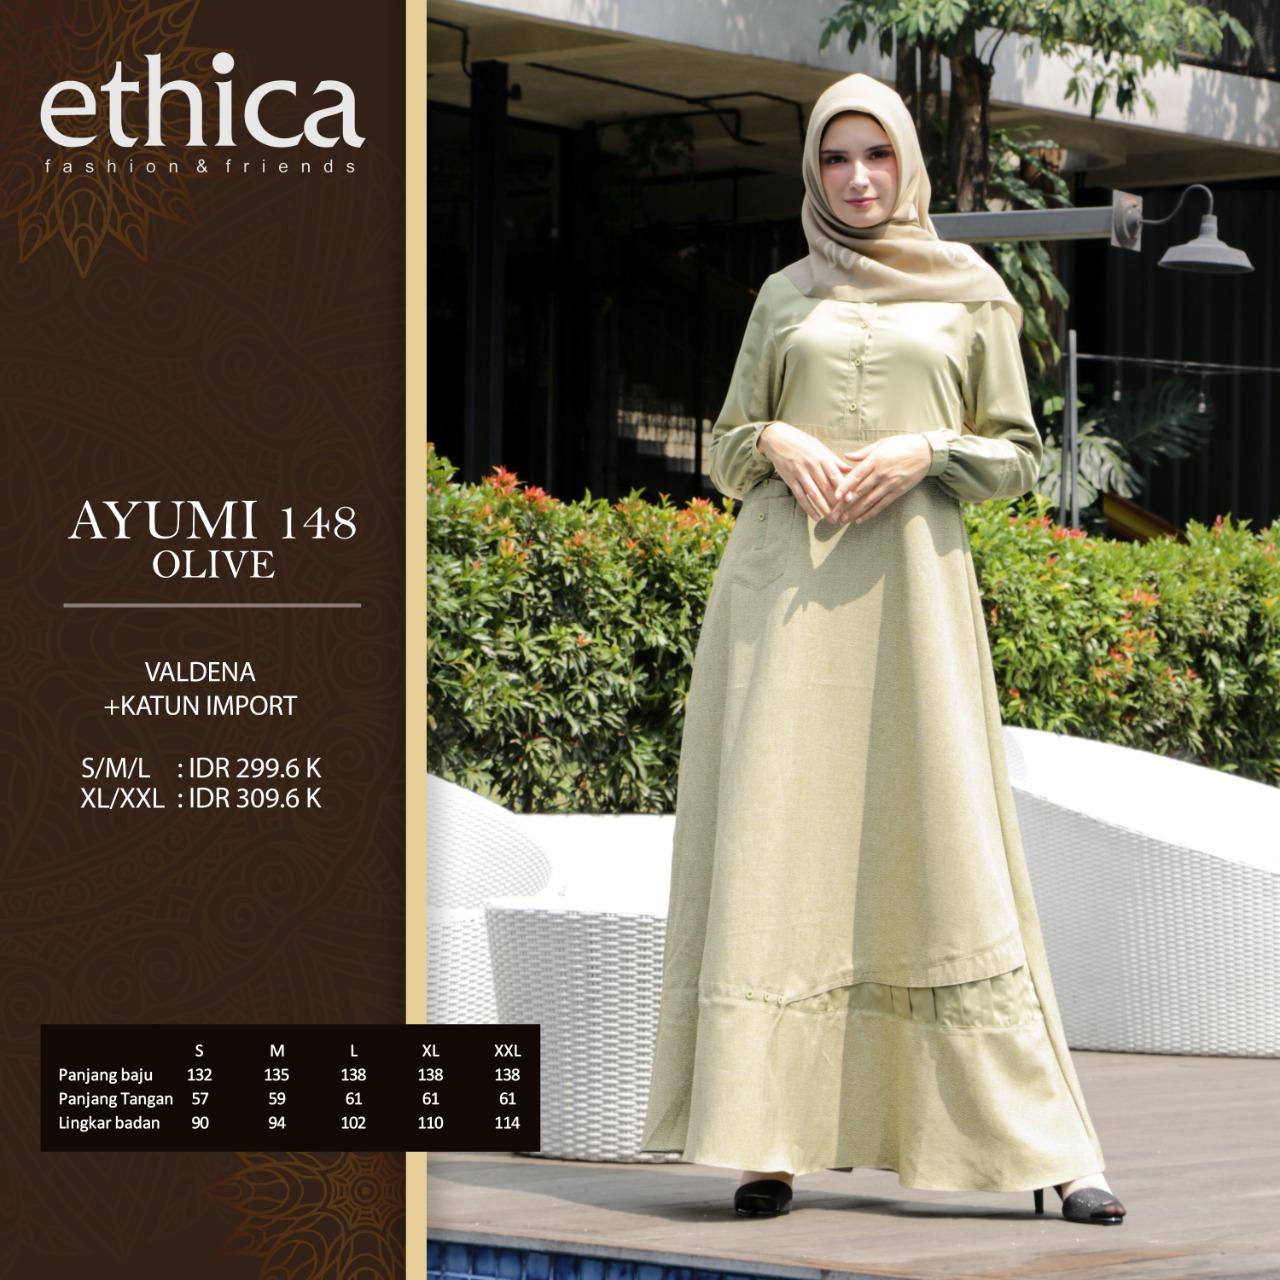 Gamis Ethica Ayumi 148 Olive Membeli Jualan Online Baju Muslim Jumpsuit Dengan Harga Murah Lazada Indonesia